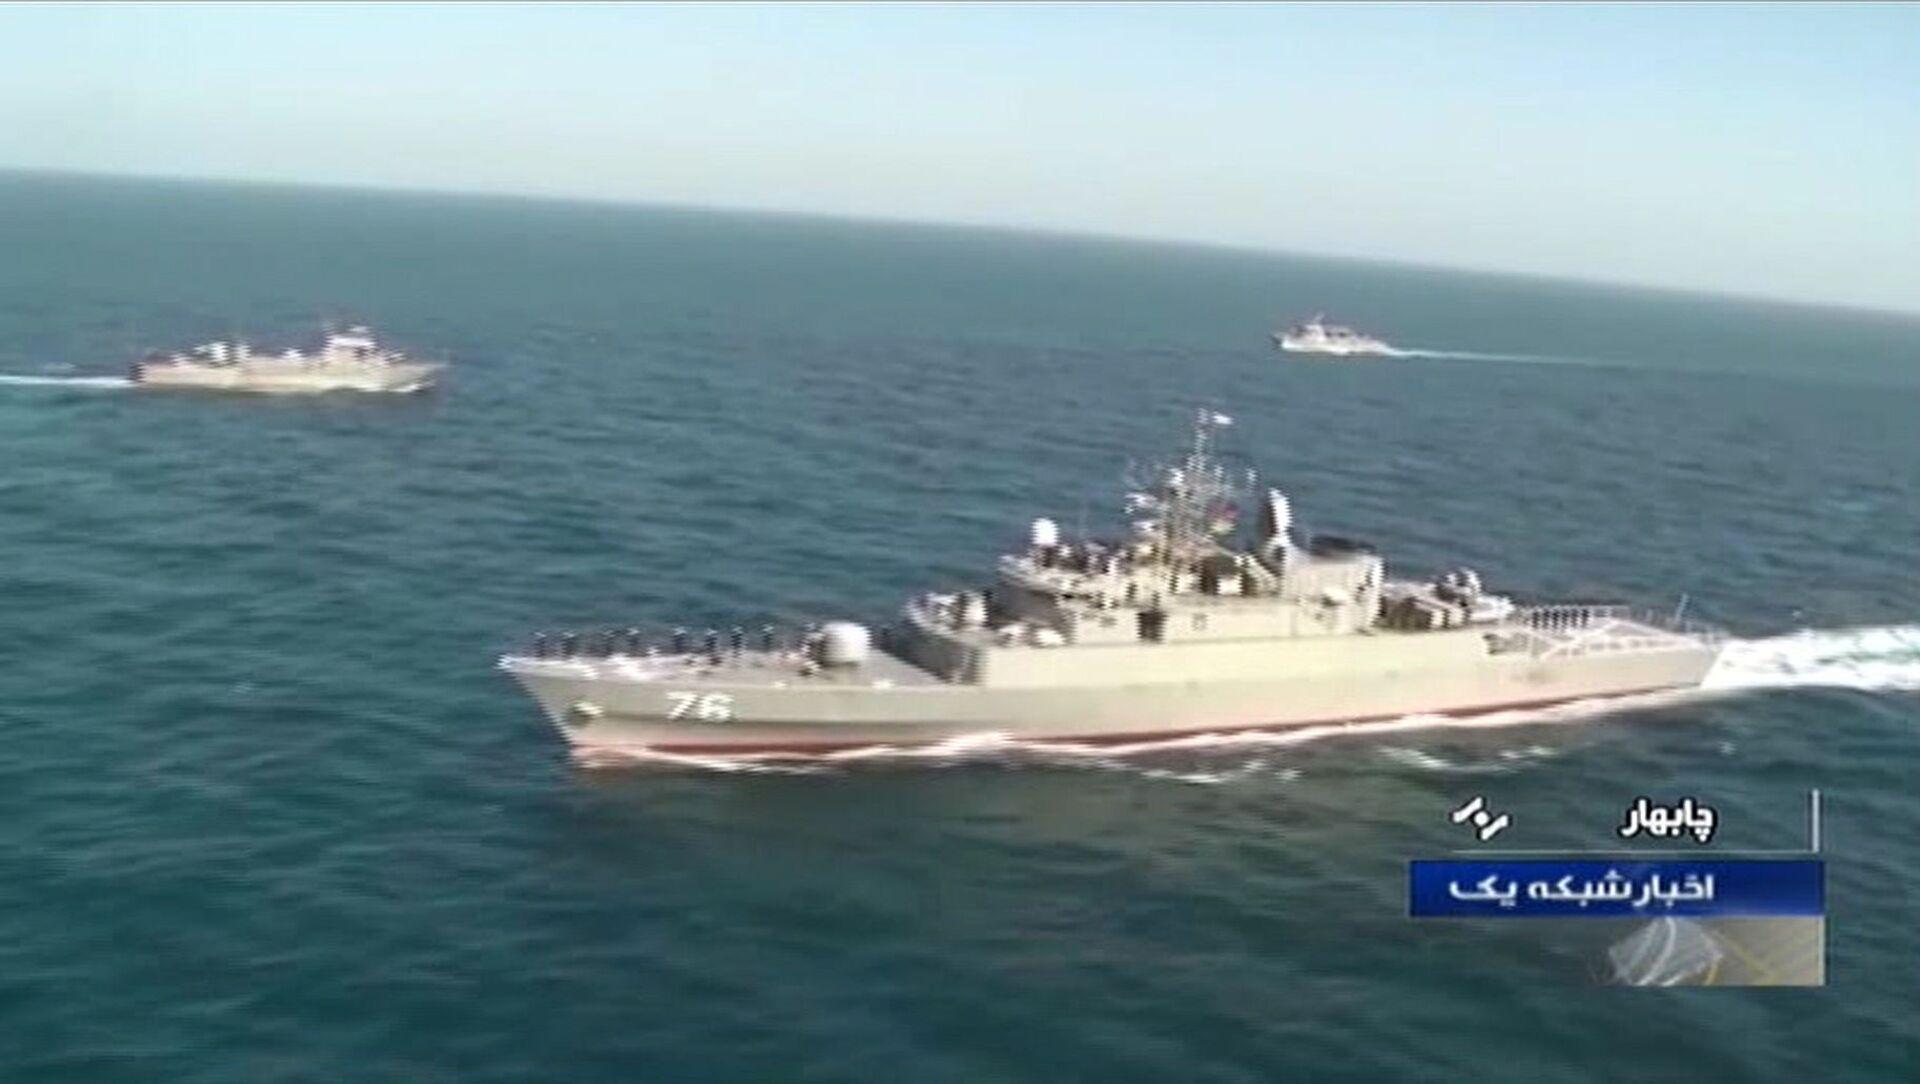 Basra Körfezi'nde bir tatbikat sırasında İran ordusuna ait bir savaş gemisi yanlışlıkla başka bir gemiyi vurdu. - Sputnik Türkiye, 1920, 06.04.2021